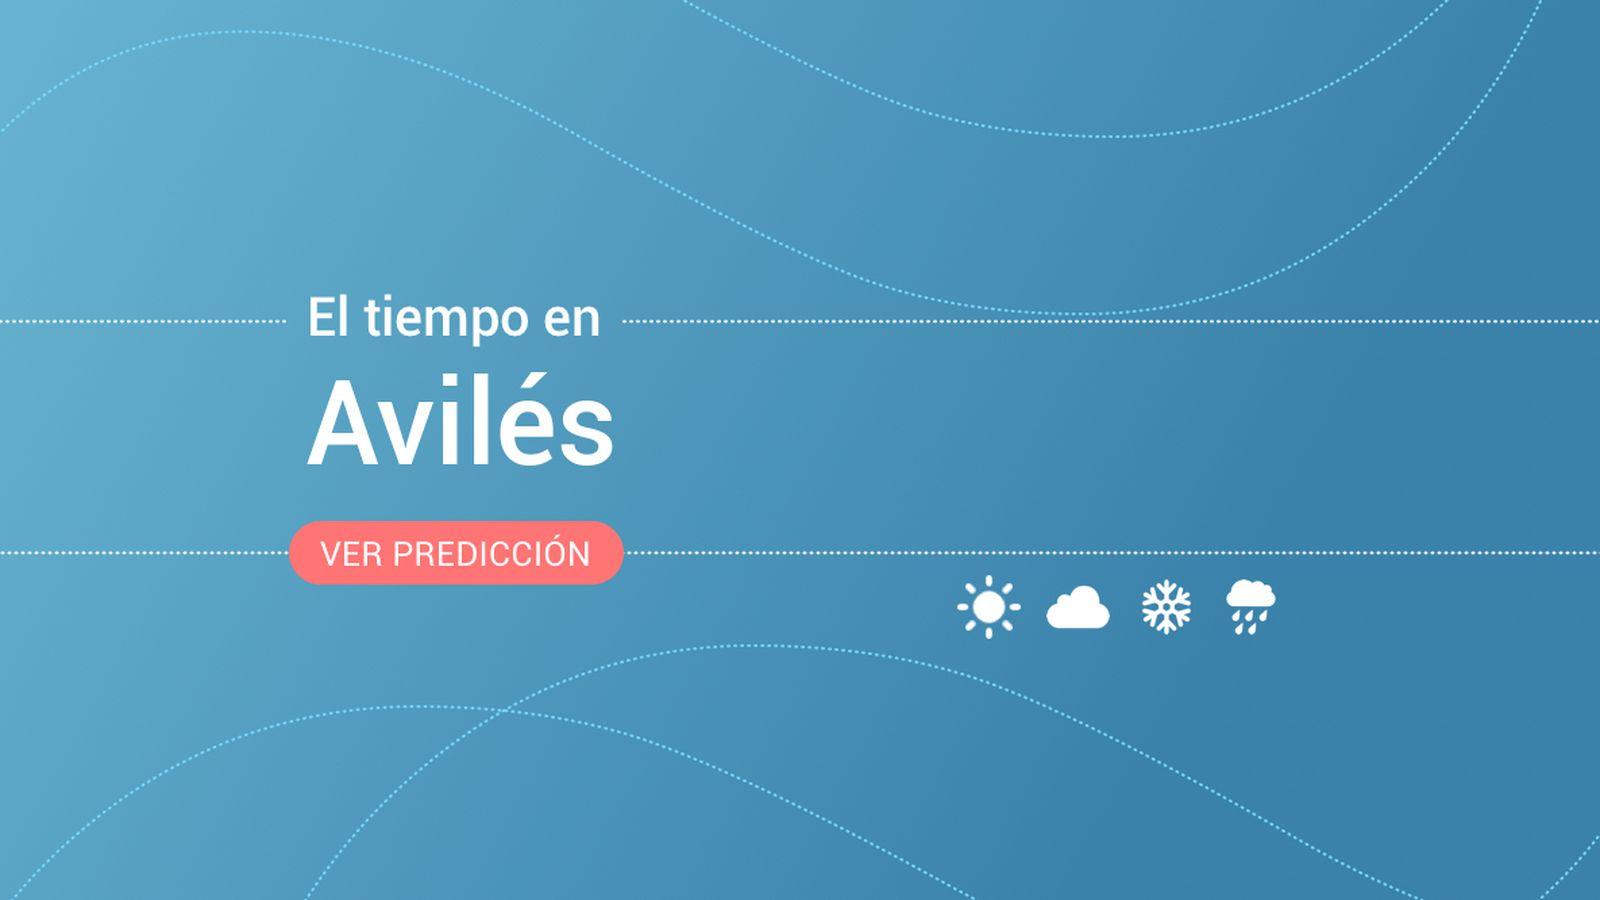 Foto: El tiempo en Avilés. (EC)